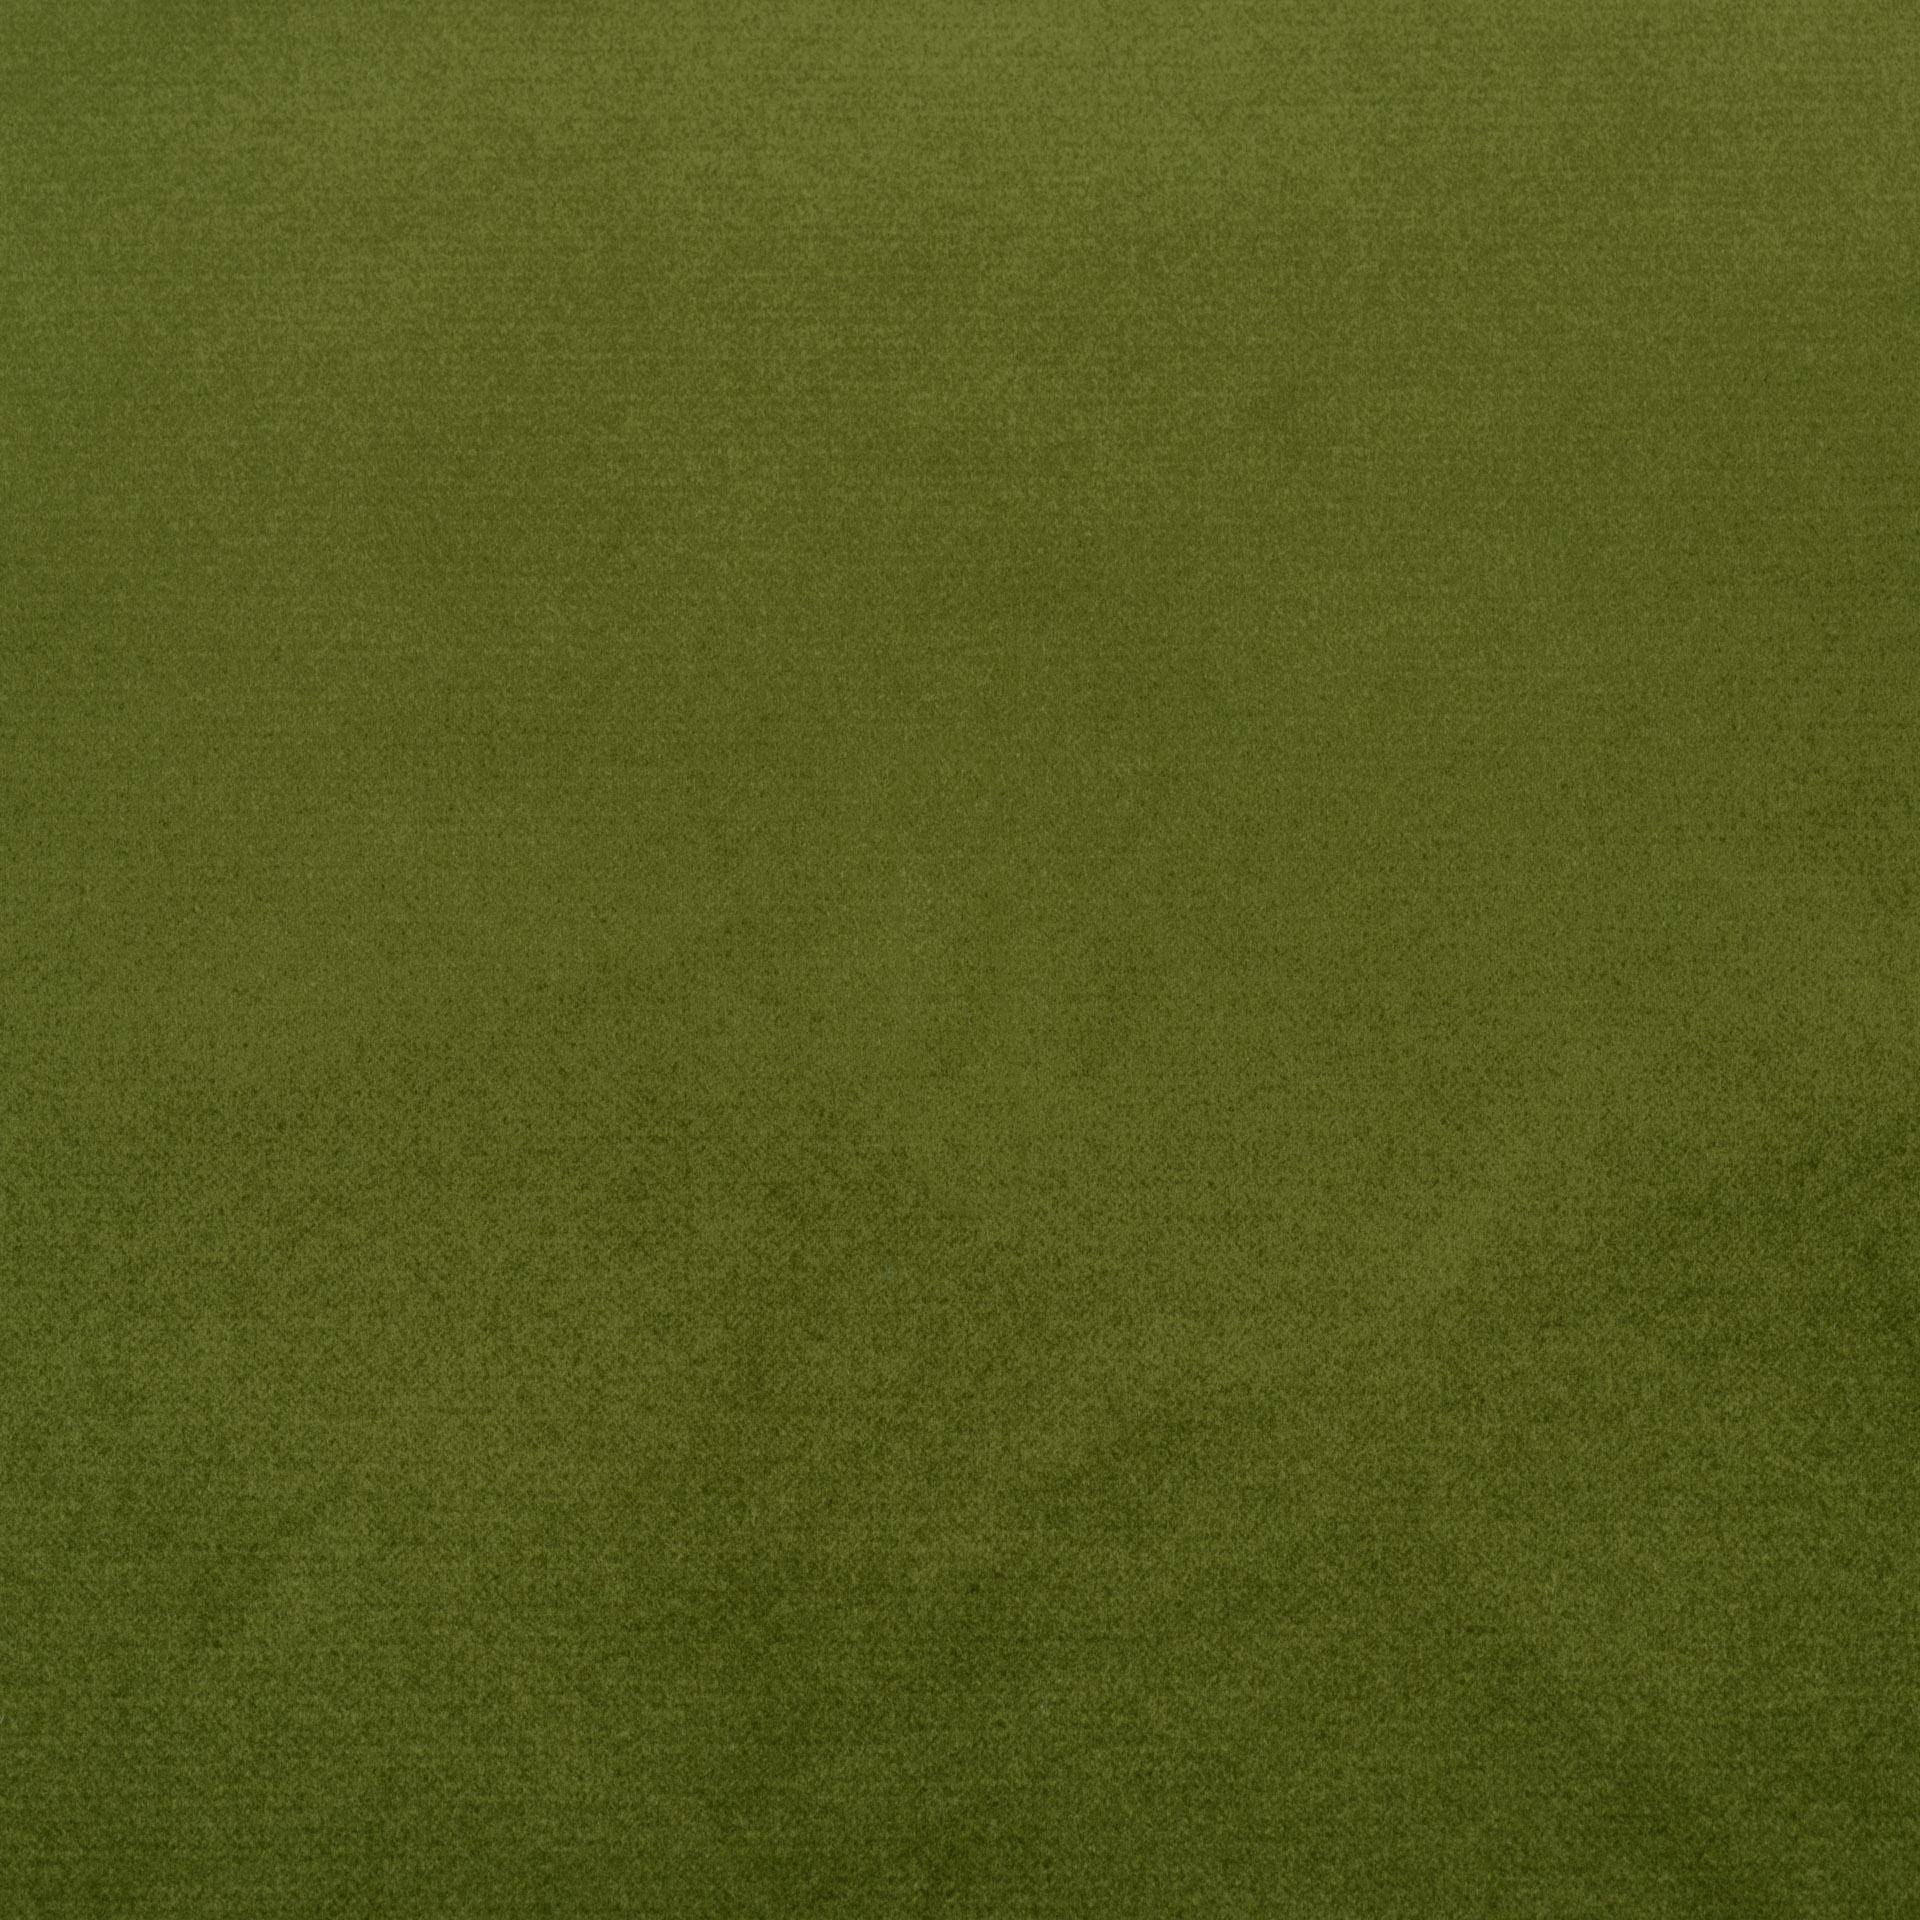 Коллекция ткани Багира 25 FOREST GREEN,  купить ткань Велюр для мебели Украина